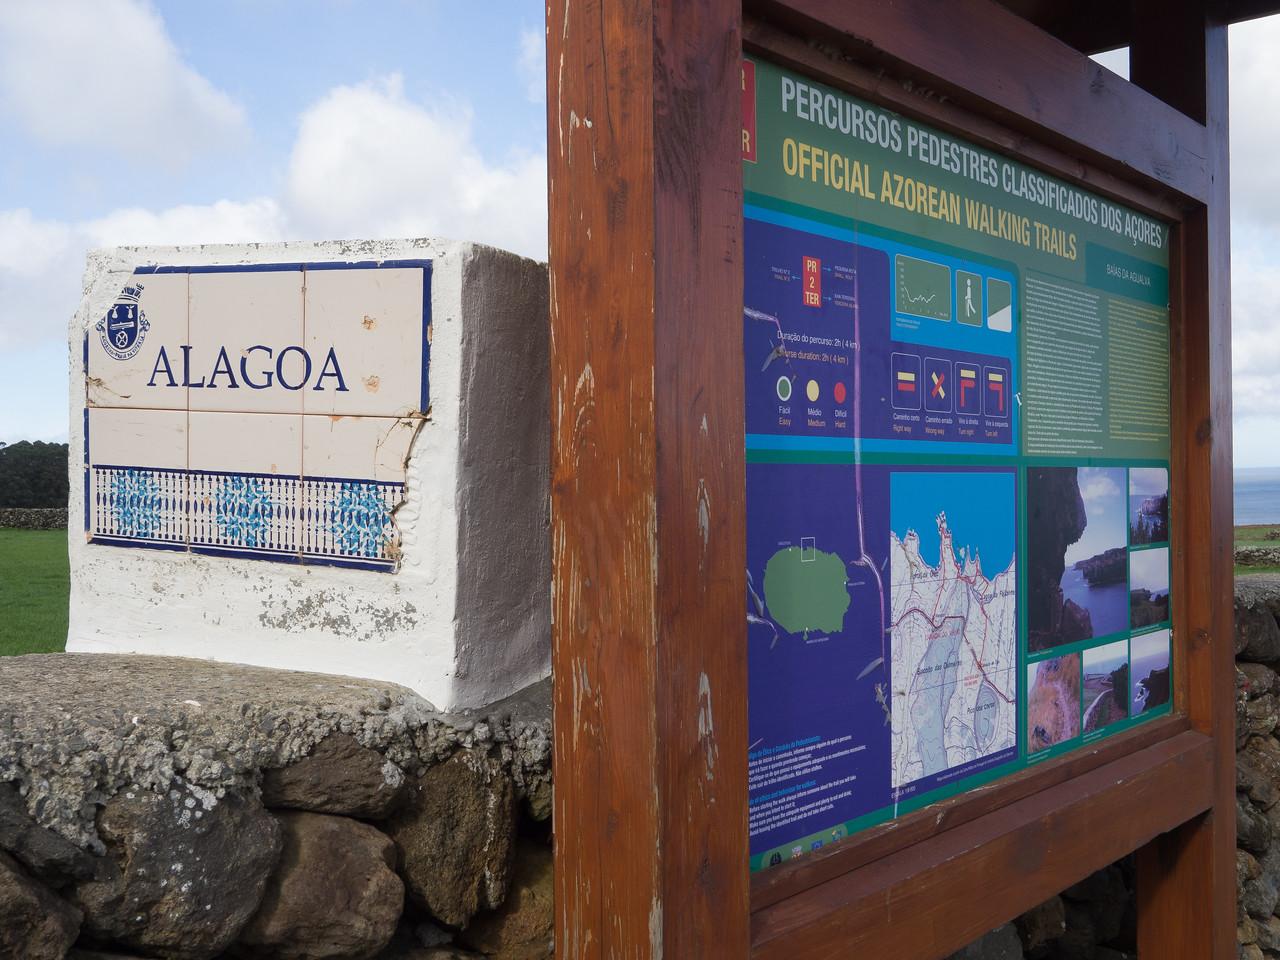 Start of Baías da Agualva hike (http://trails.visitazores.com/en/trails-azores/terceira/baias-da-agualva)